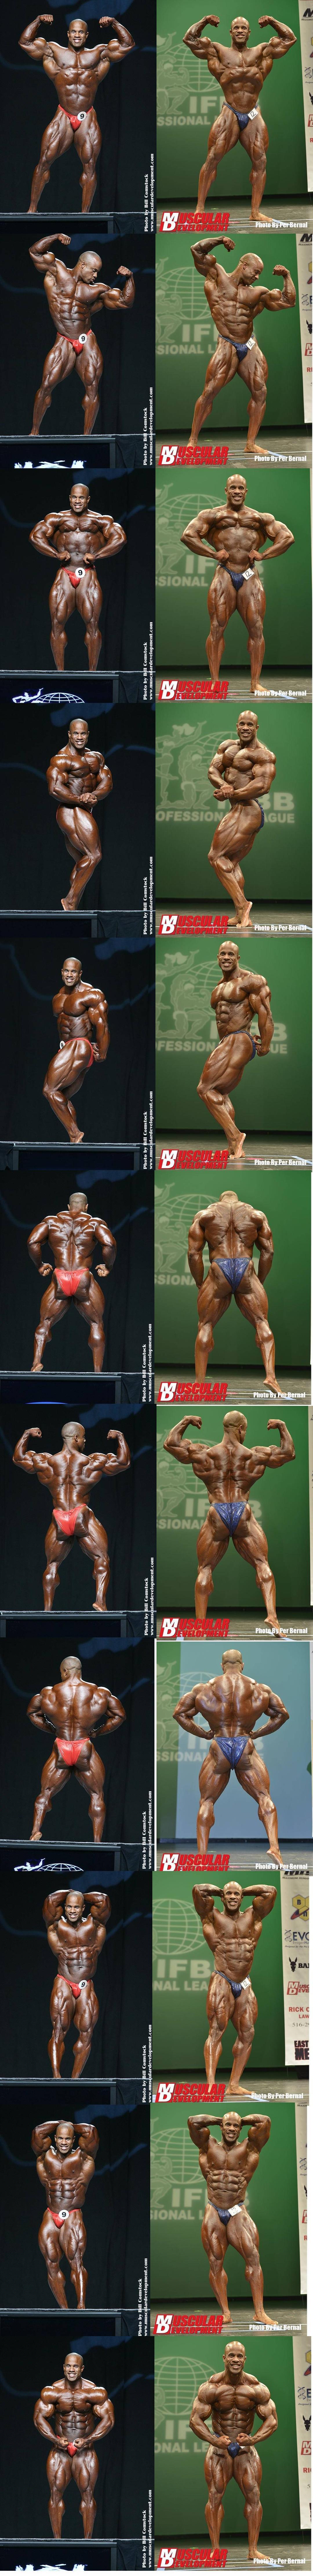 victor martinez 2007 mr o vs 2013 ny pro comparison